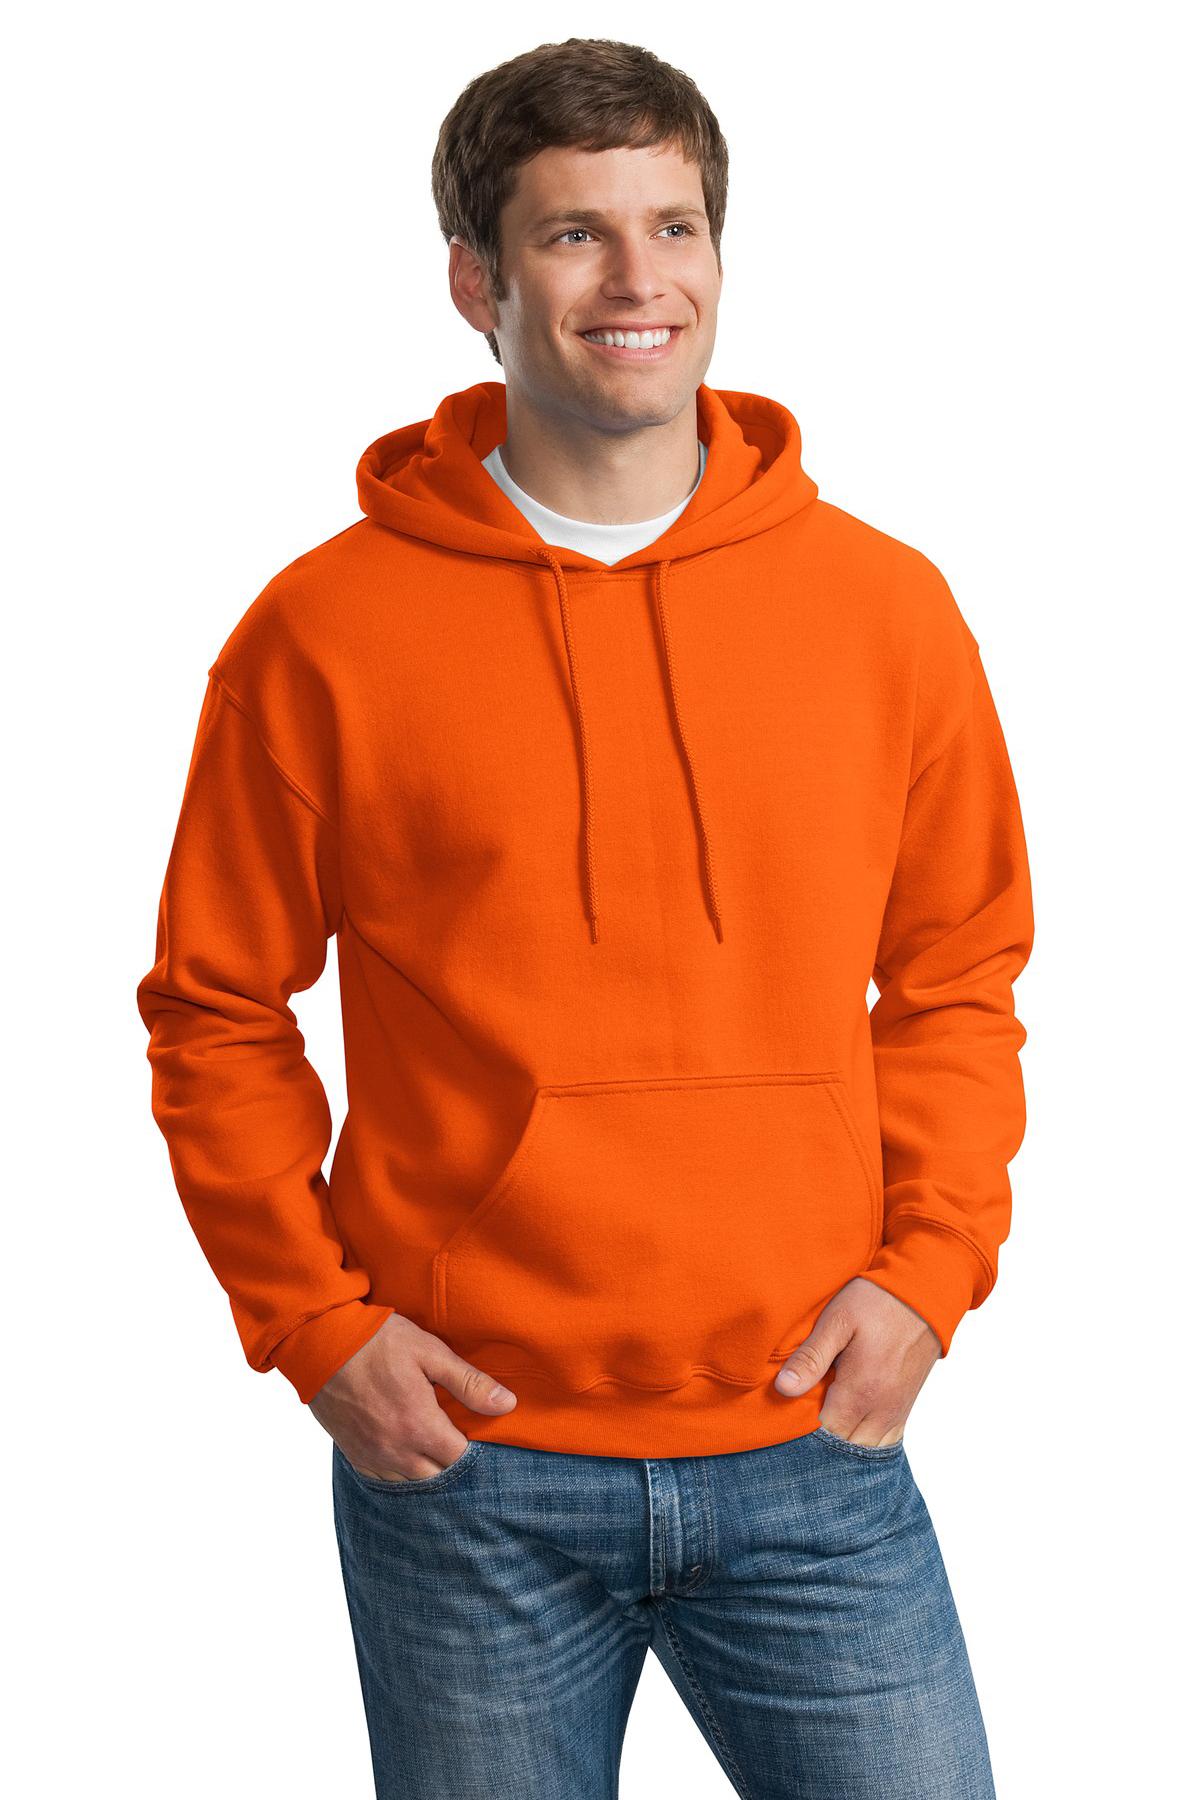 Sweatshirts-Fleece-Hooded-4